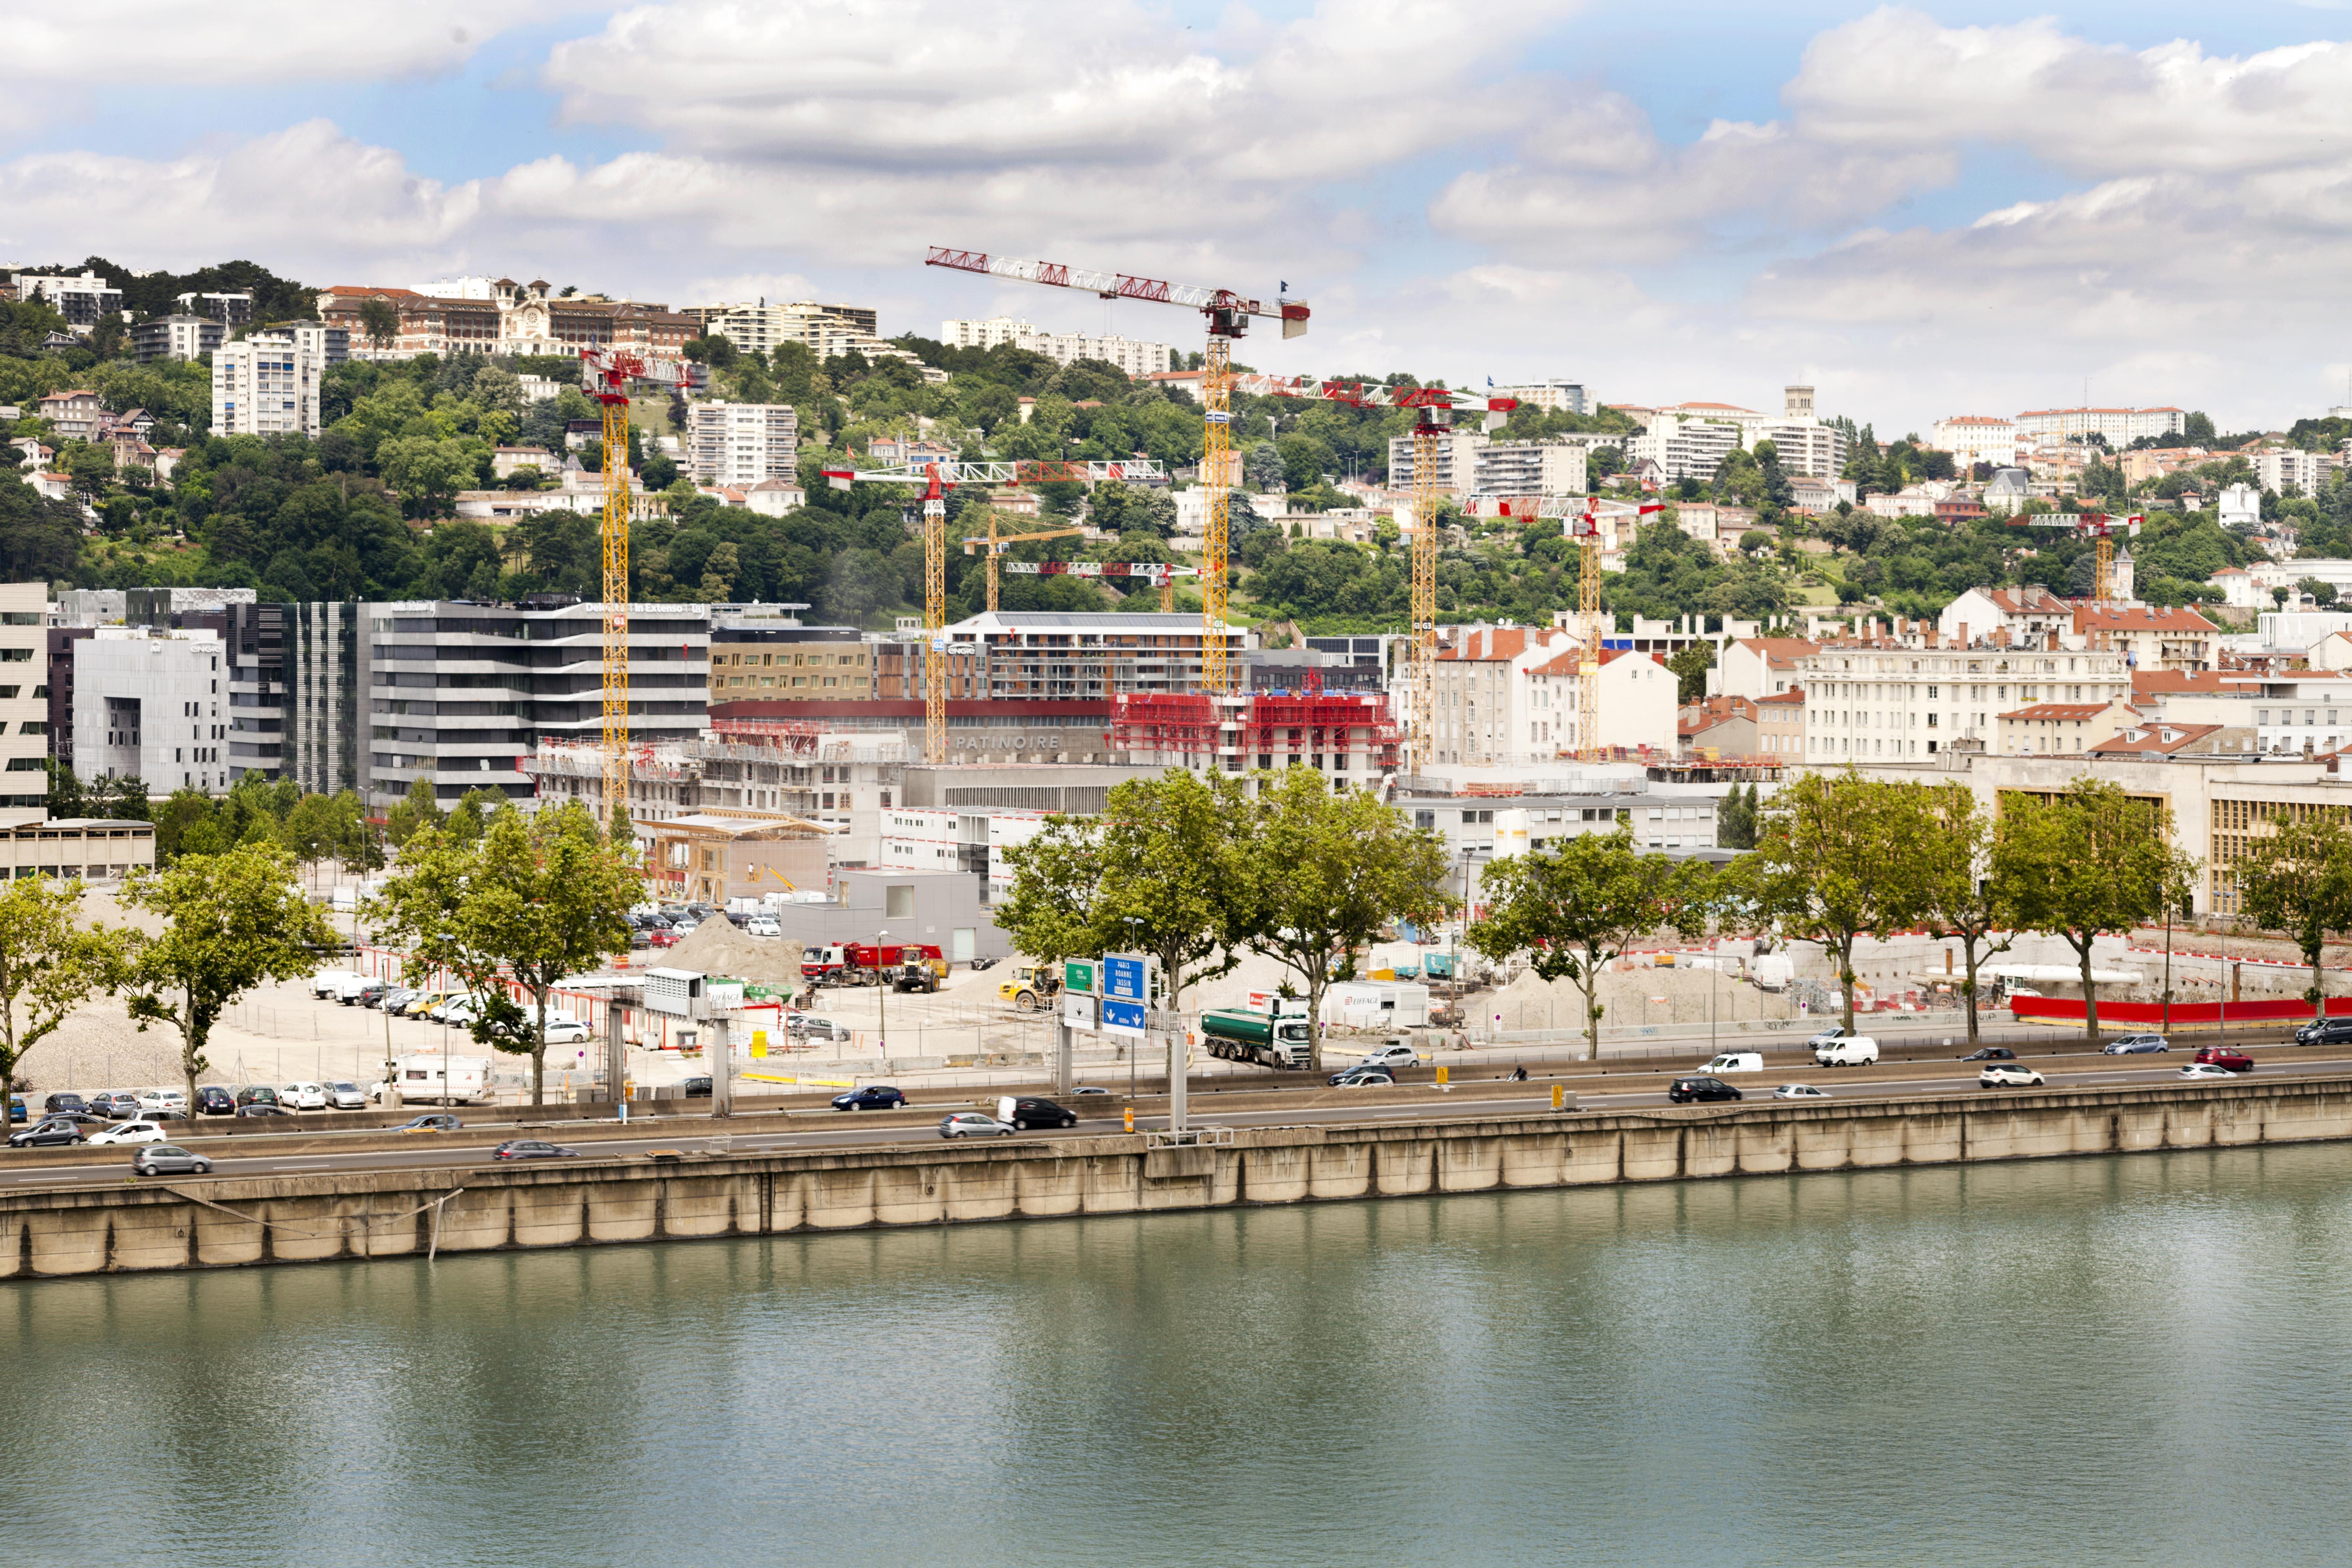 Combien de m² peut-on louer à Lyon pour 723 euros par mois ?